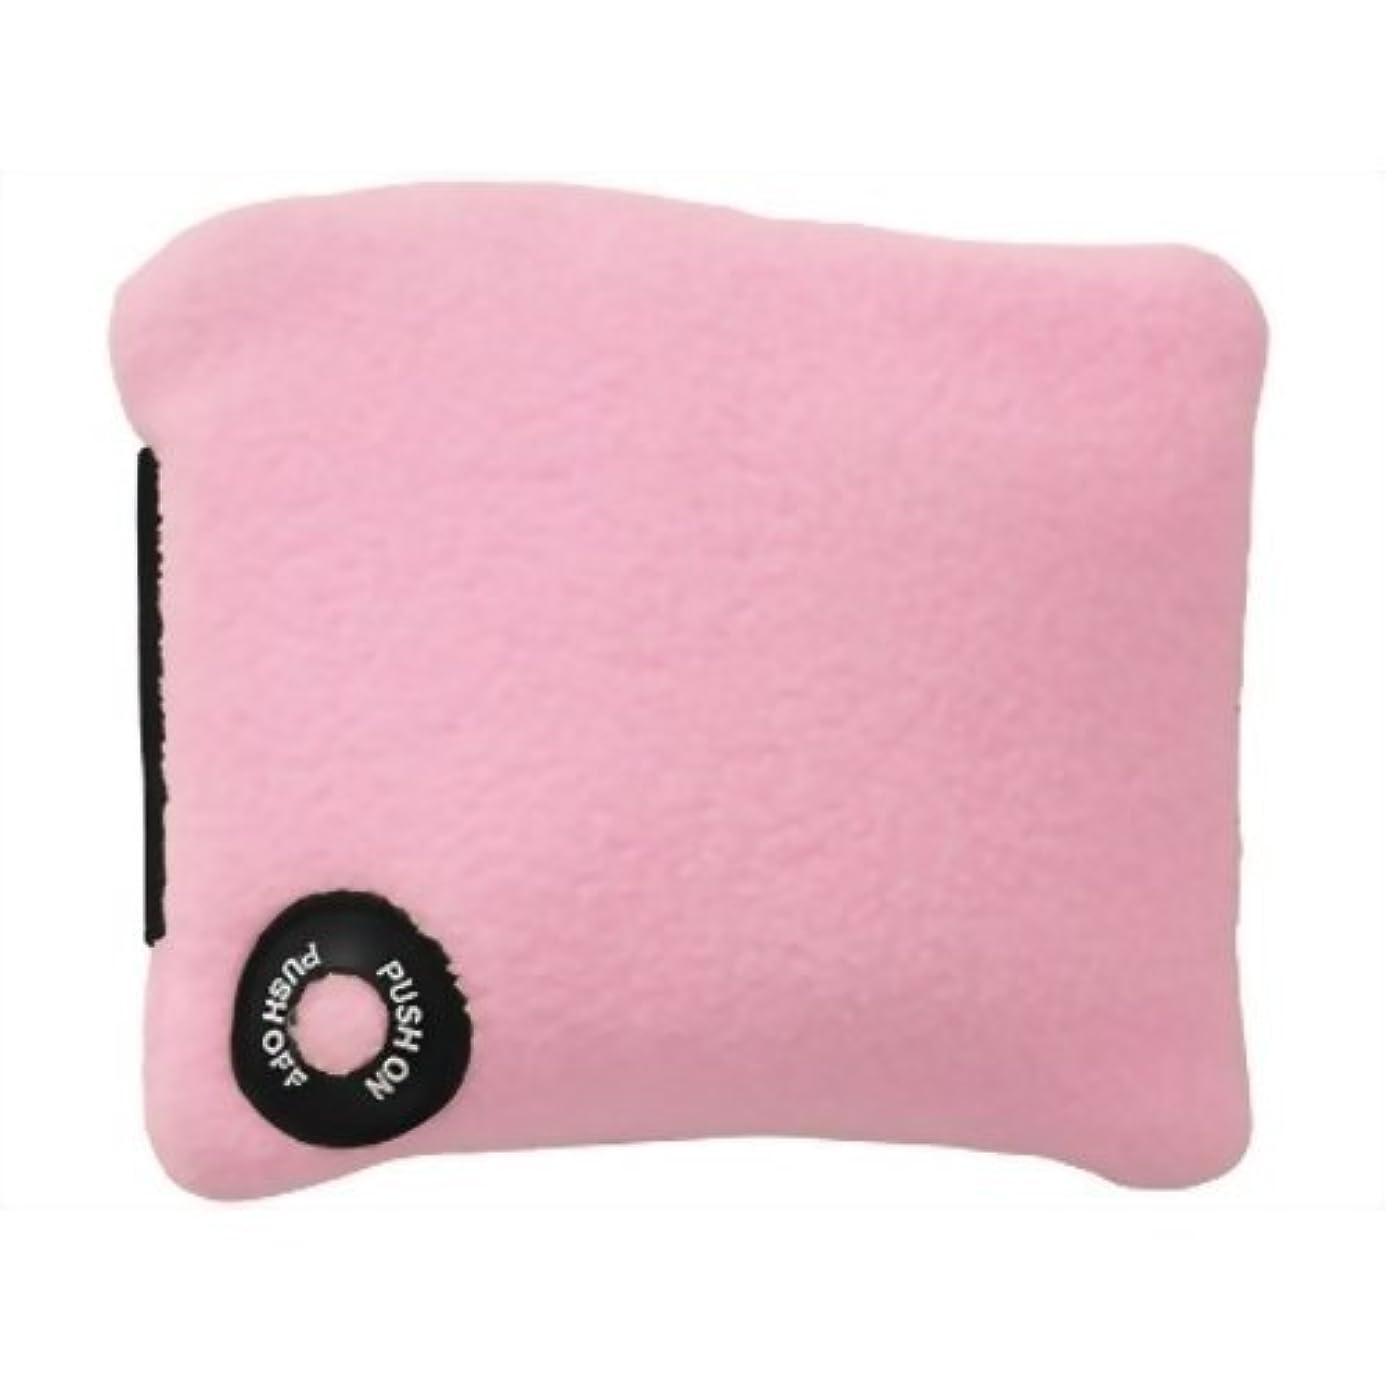 免除する葉巻捨てるぶるる 足用 ピンク フリーサイズ